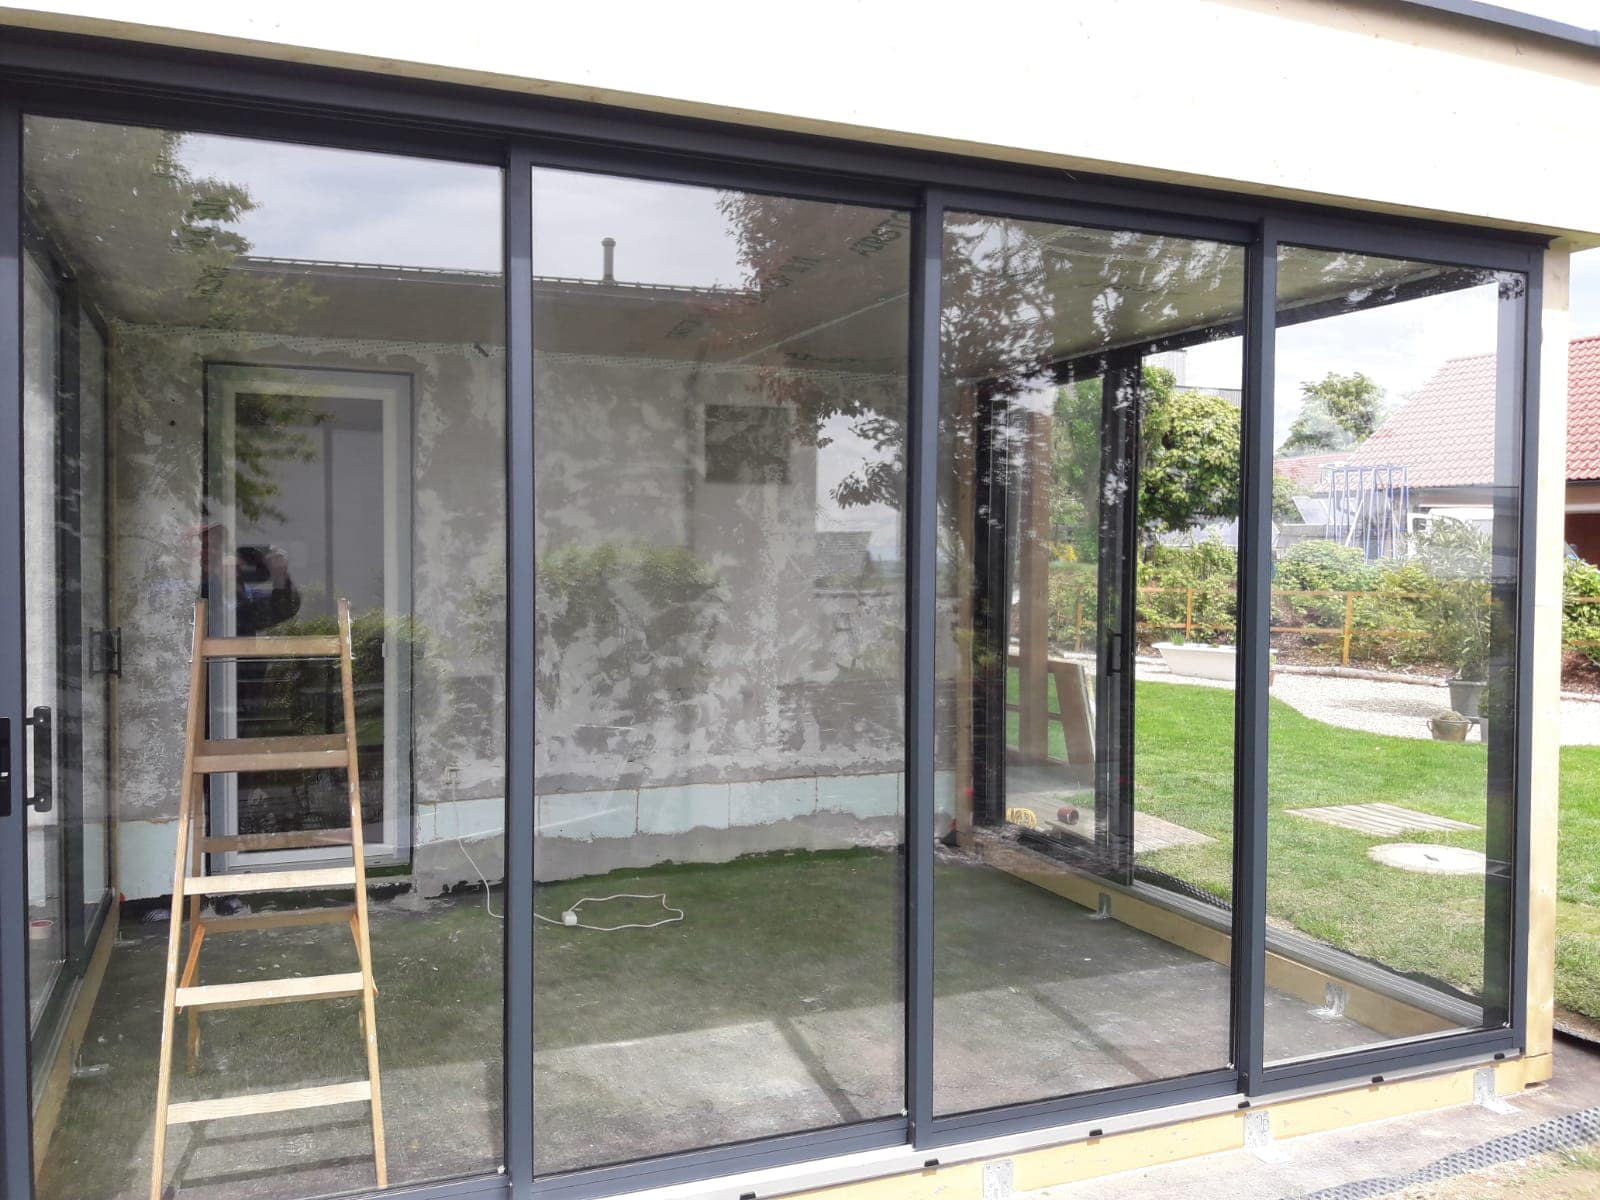 Terrasse verbauen mit Glas